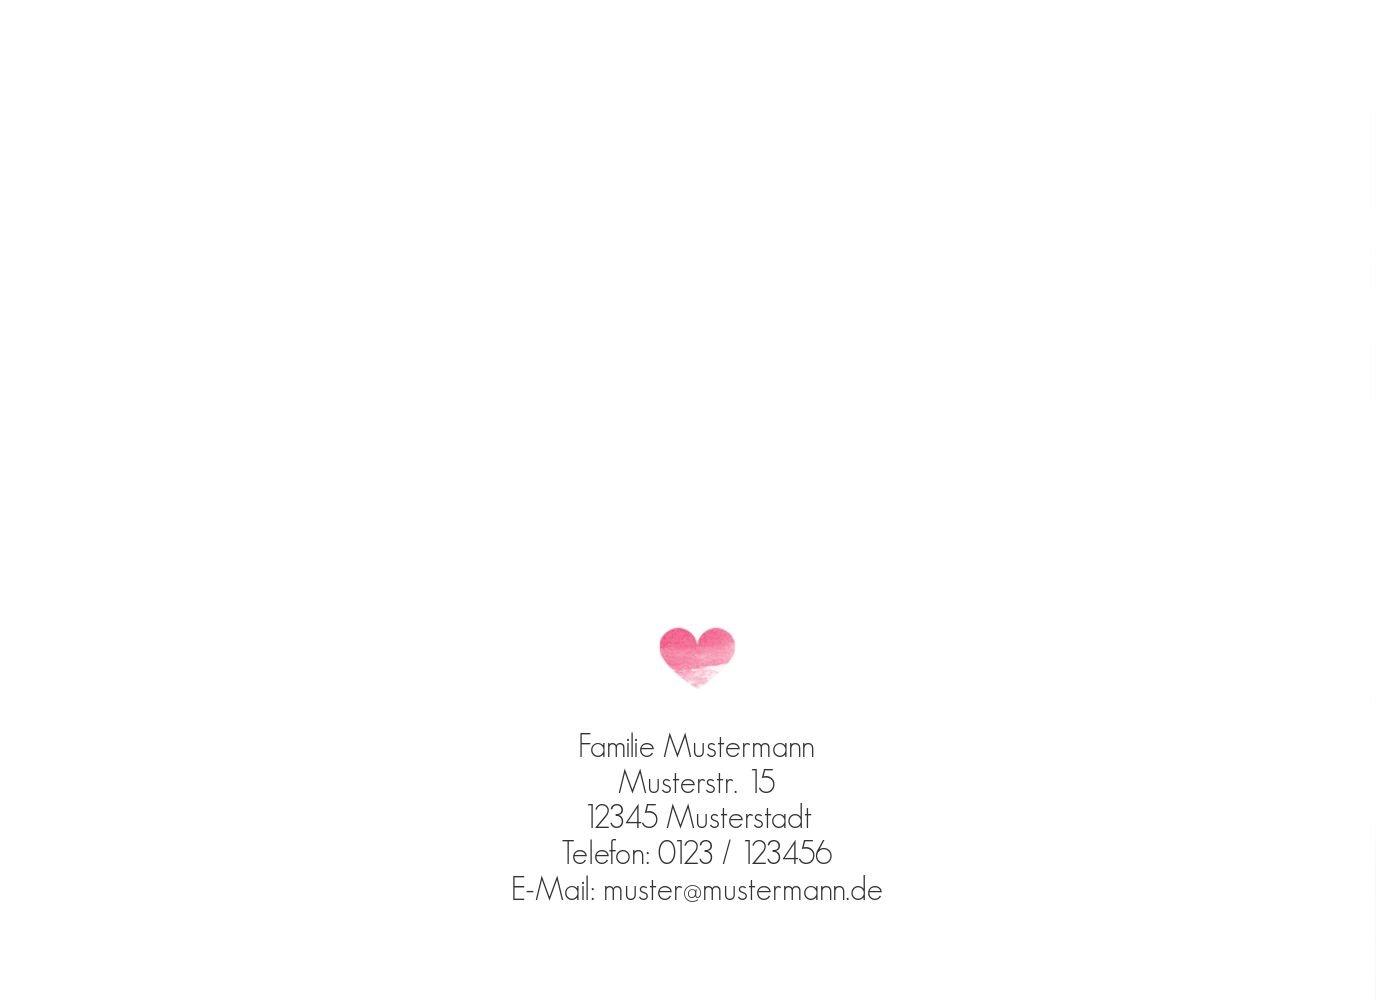 Kartenparadies Geburtskarte Babykarte Aquarell, hochwertige Babykarte Babykarte Babykarte zur Geburt inklusive Umschläge   10 Karten - (Format  148x105 mm) Farbe  Hellblauleuchtend B01N7Y36Z4 | Viele Sorten  | Modern  | Tragen-wider  3b0598